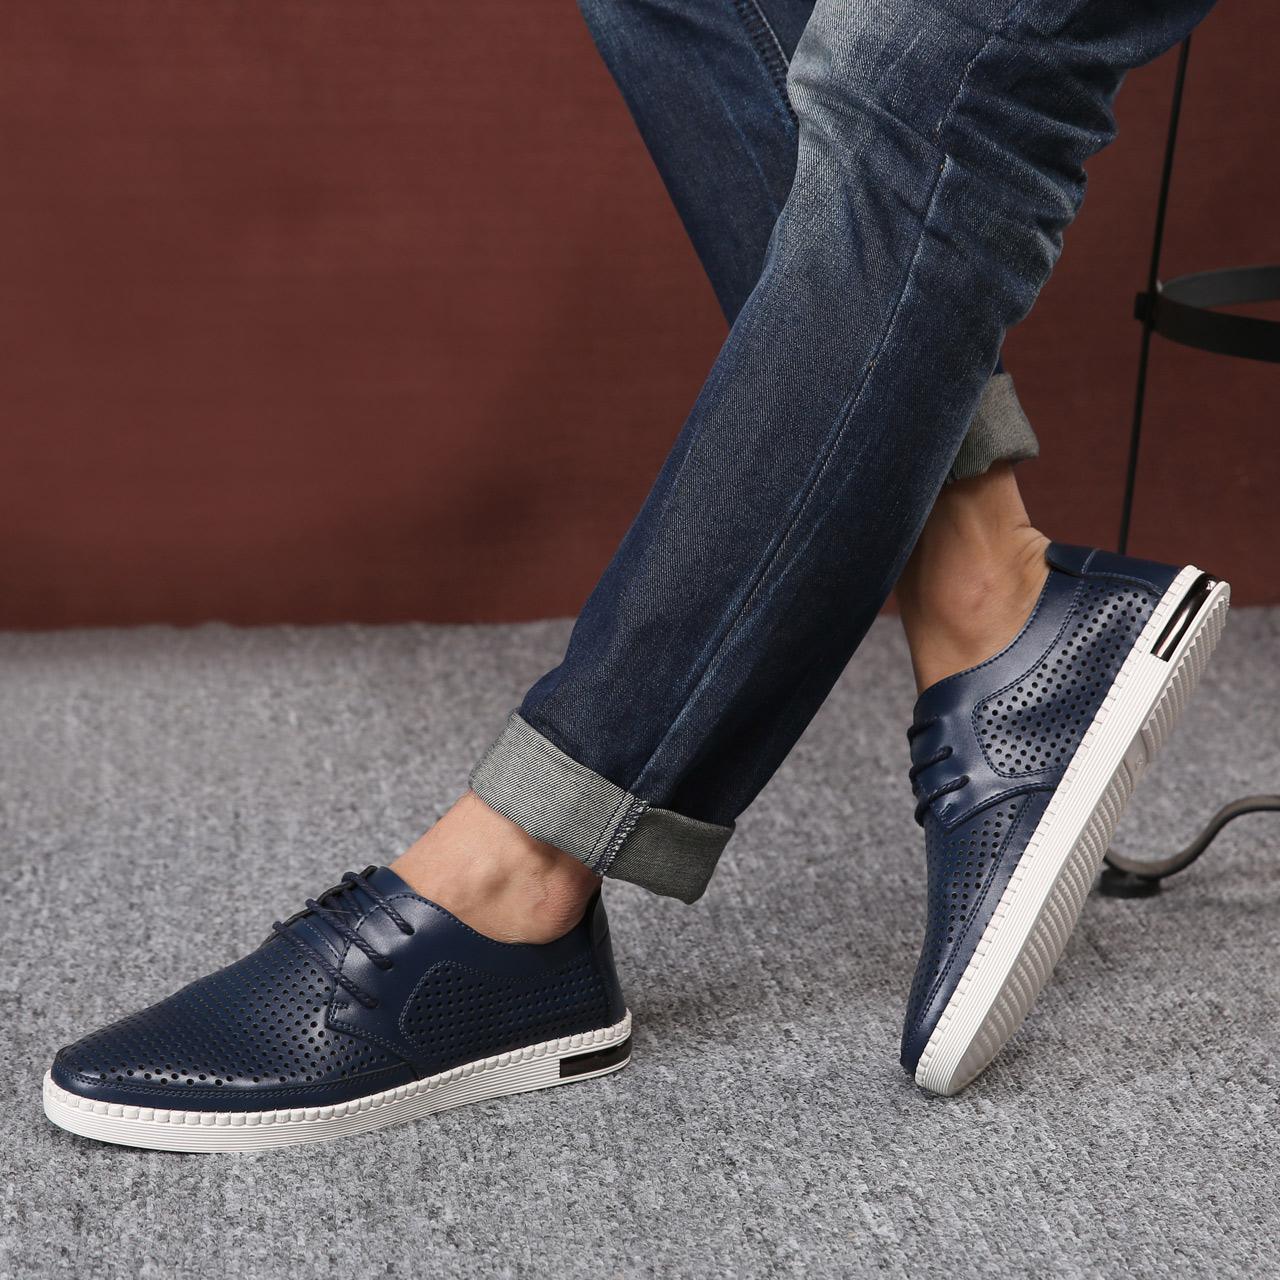 英伦男鞋夏季新款潮鞋透气皮鞋镂空休闲鞋男士凉鞋真皮鞋子板鞋男